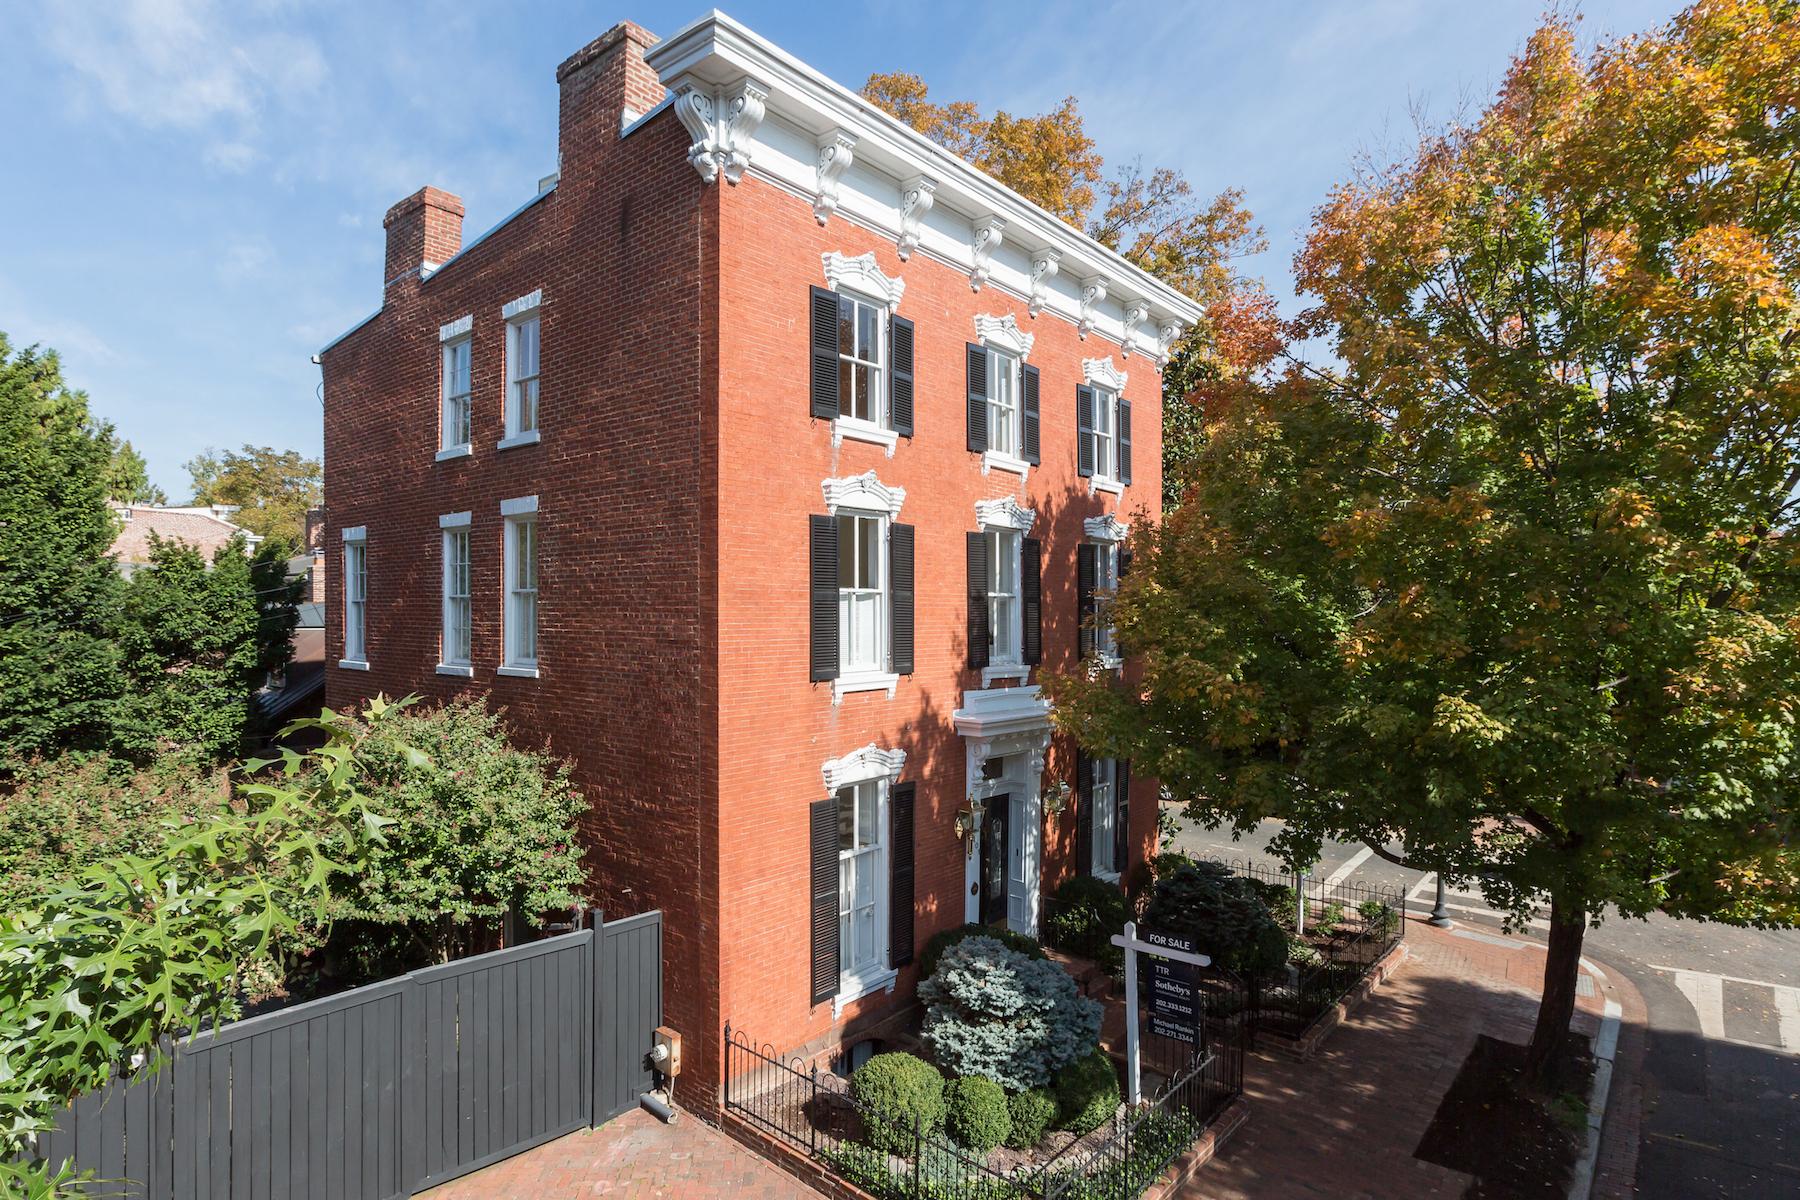 Maison unifamiliale pour l Vente à Georgetown 3401 N Street Nw Georgetown, Washington, District De Columbia, 20007 États-Unis